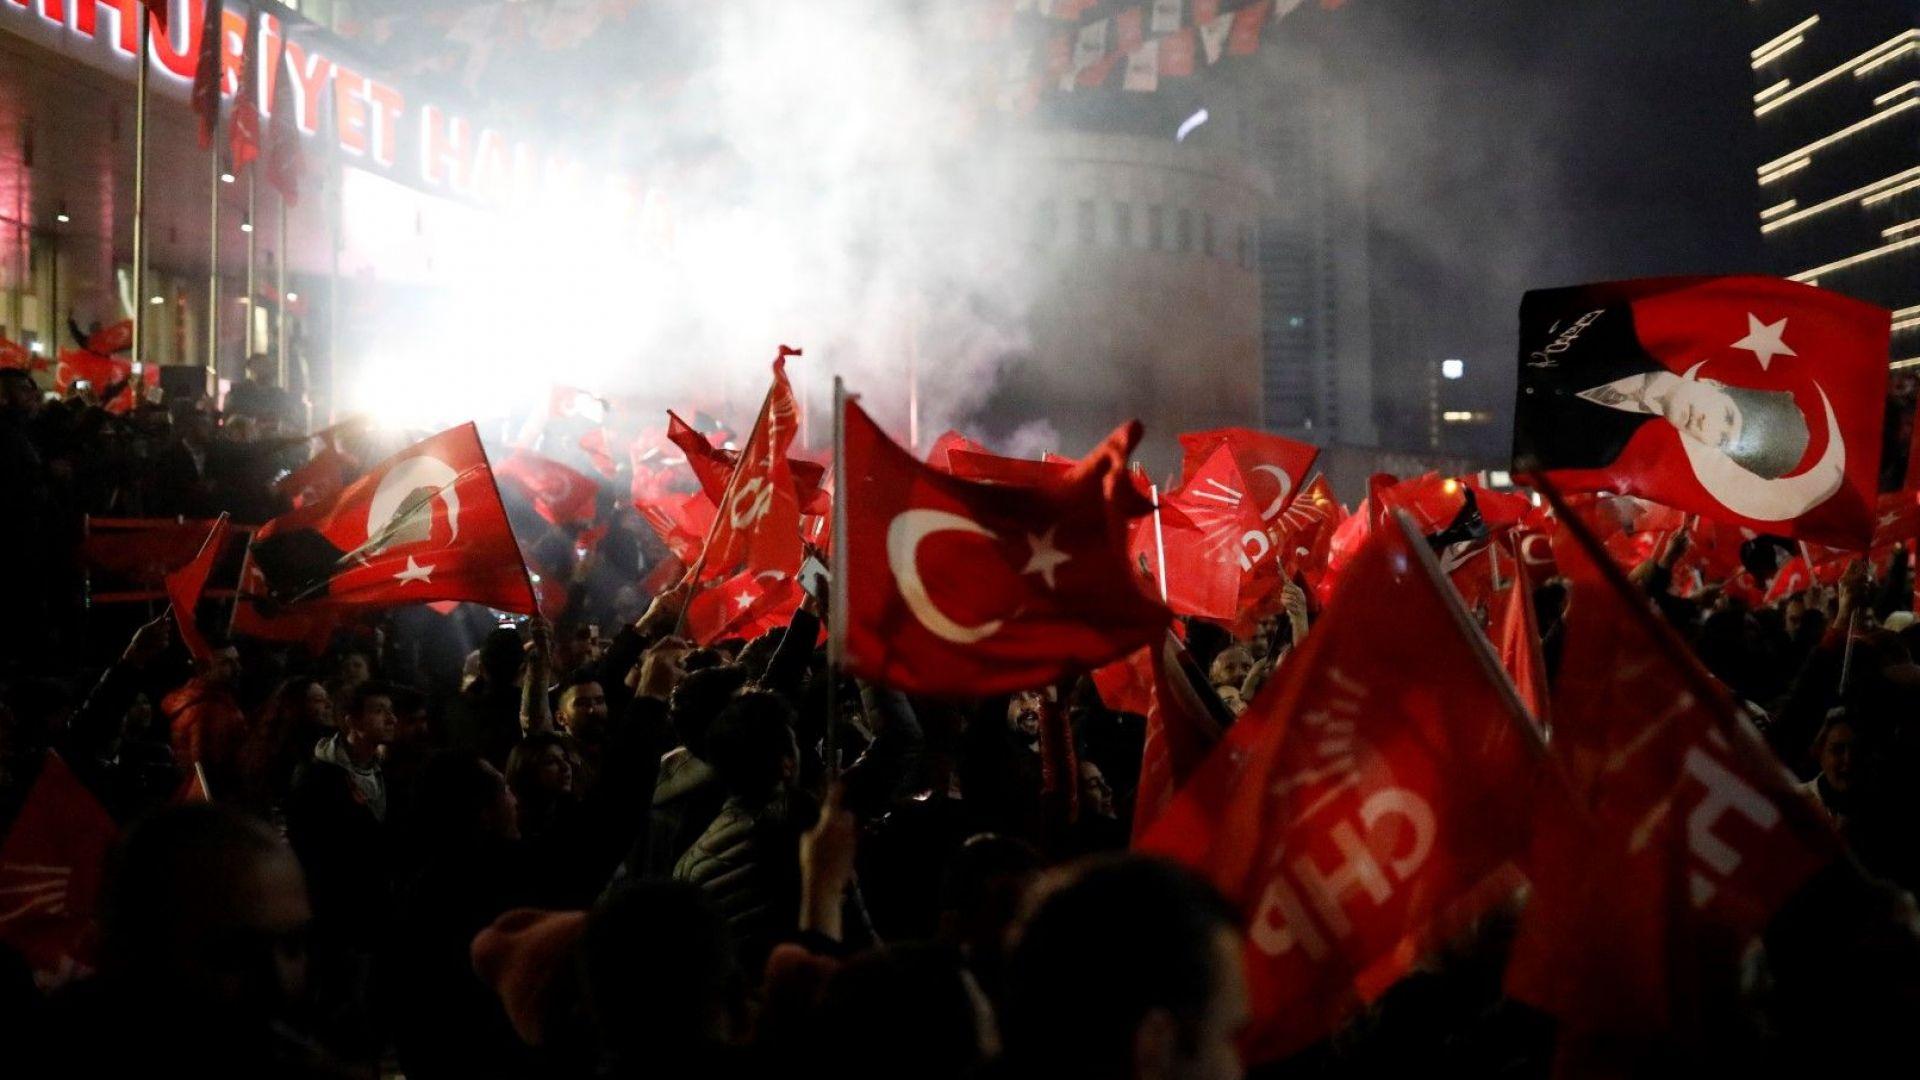 Нови данни от Турция: Републиканският алианс печели 51,67%, а Националният алианс - 37,53